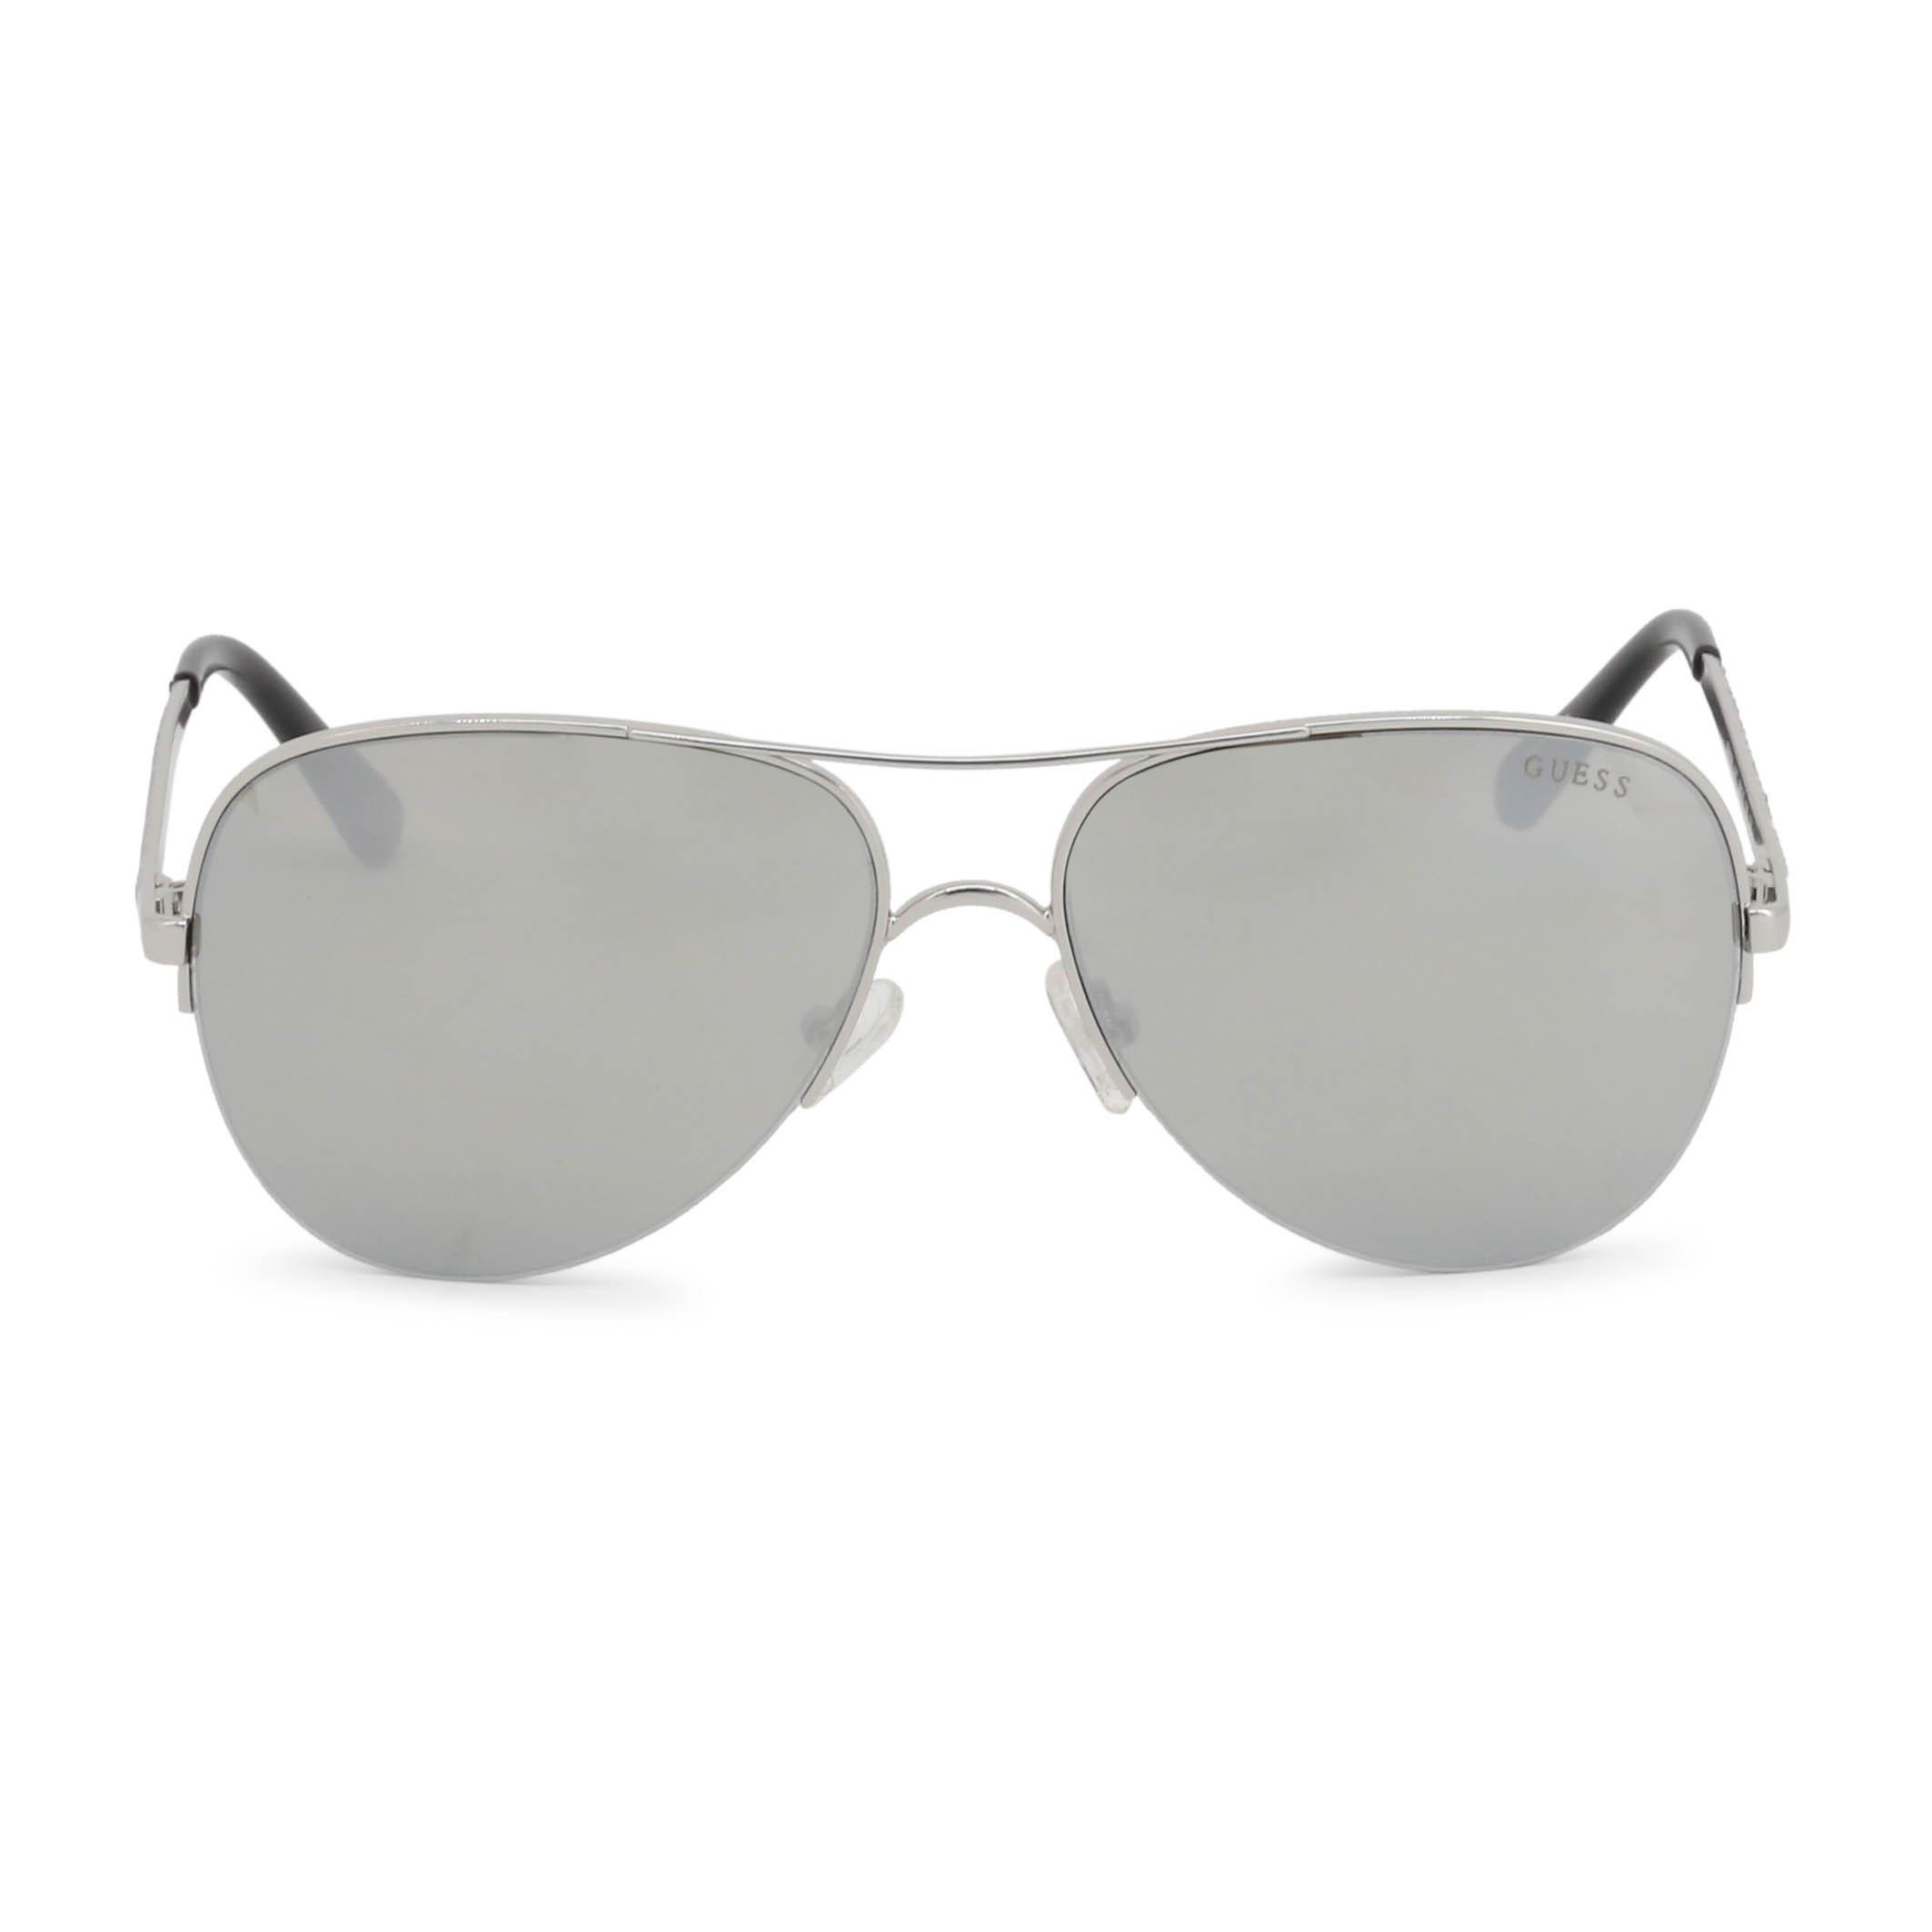 Occhiali-da-sole-Guess-GF6079-Donna-Grigio-106479 miniatura 2